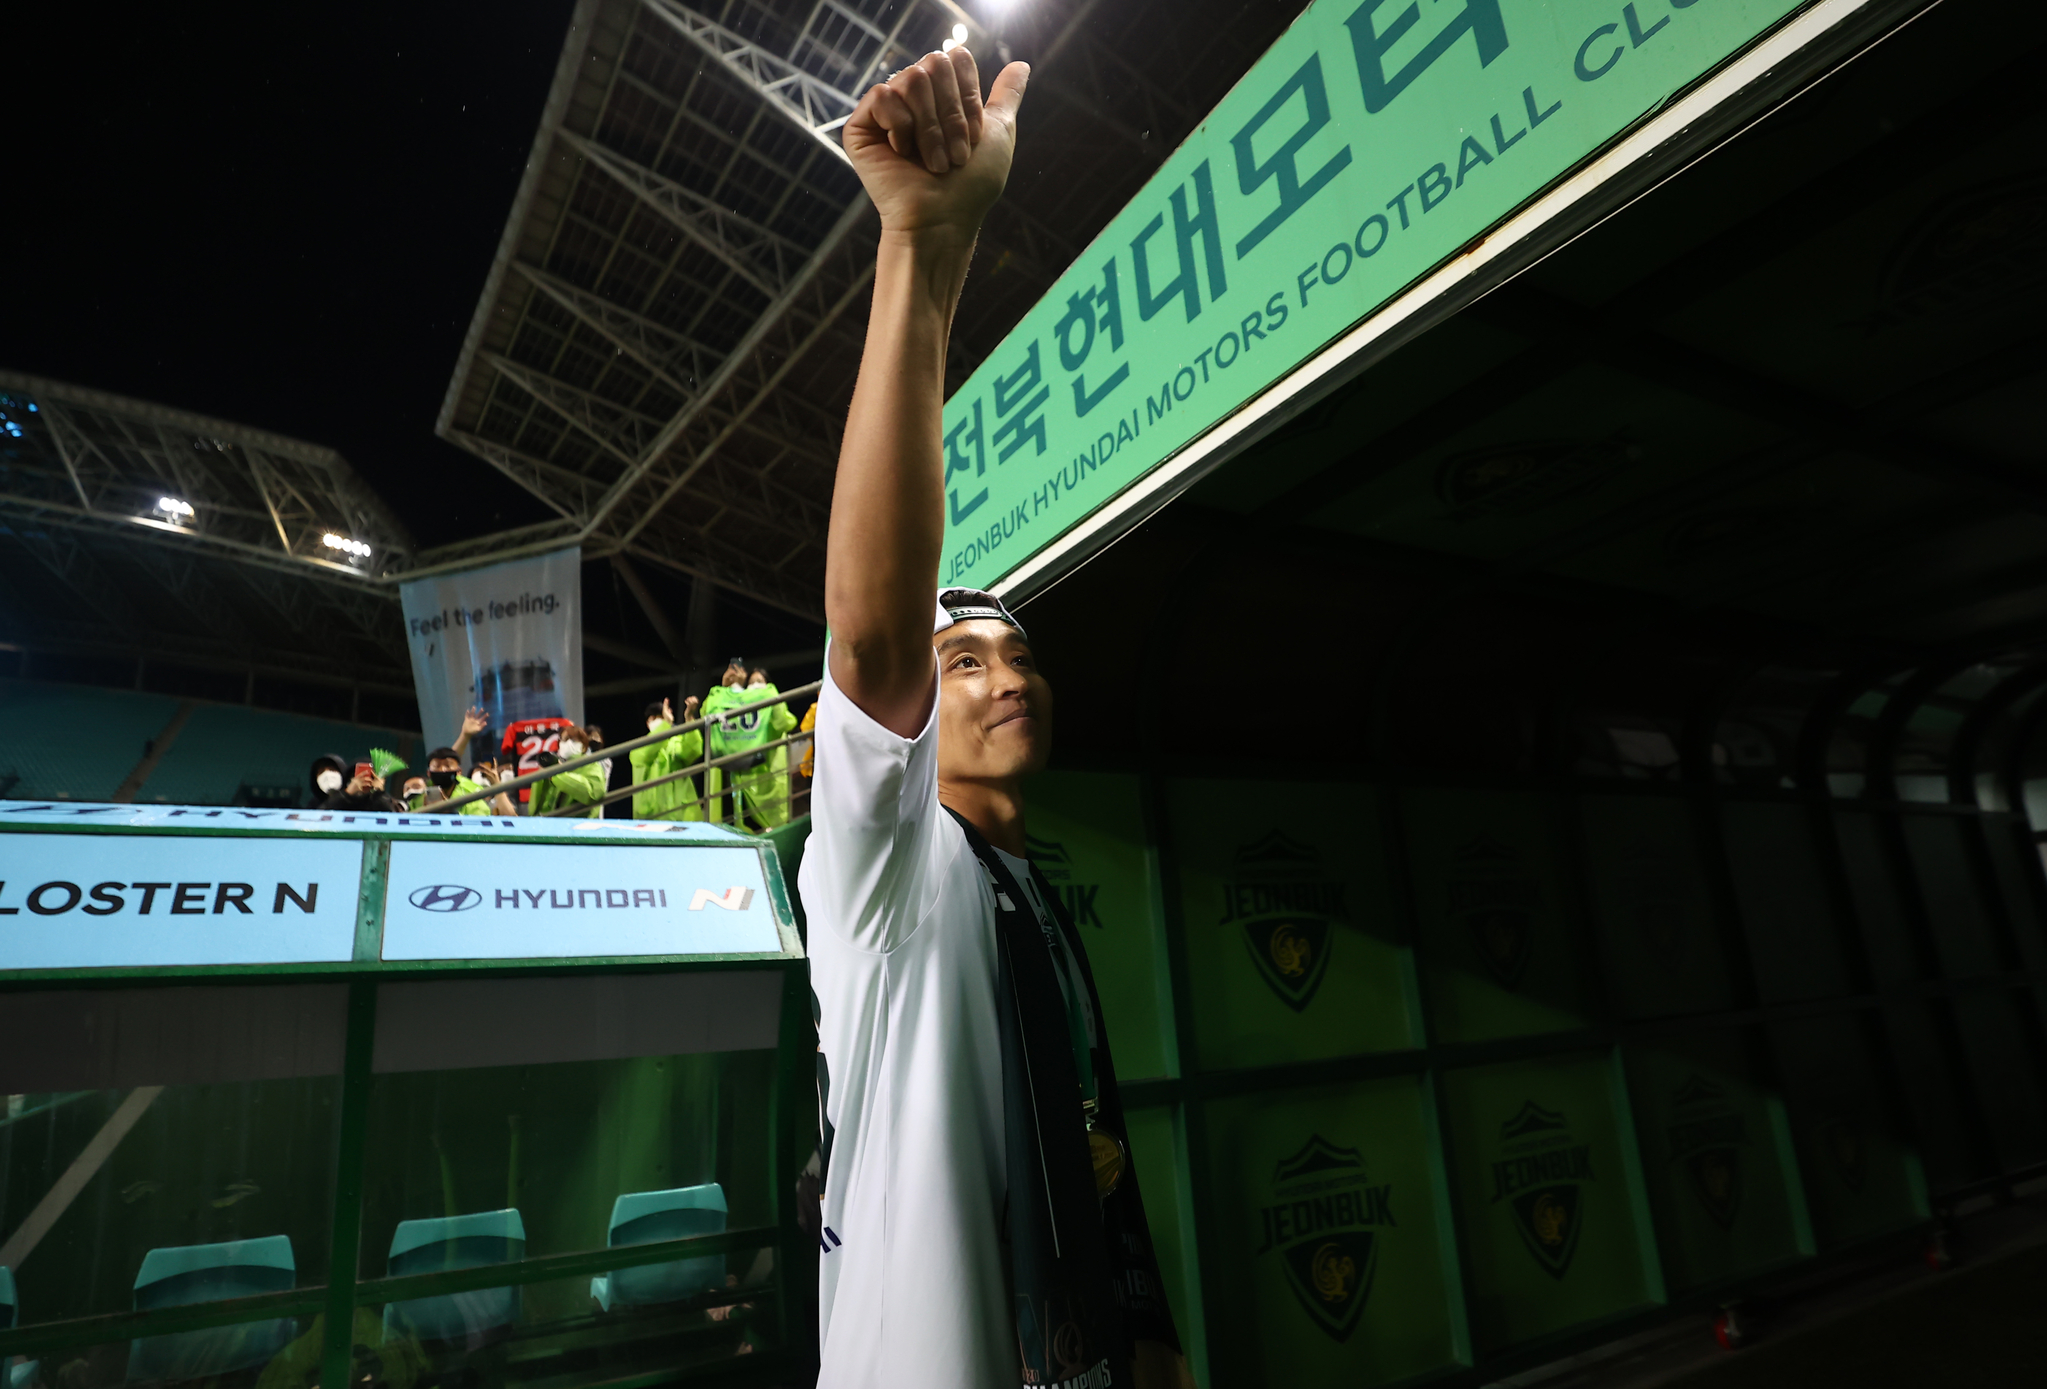 전북 이동국이 1일 전주월드컵경기장에서 열린 은퇴식을 마친 후 그라운드를 나서고 있다. [연합뉴스]